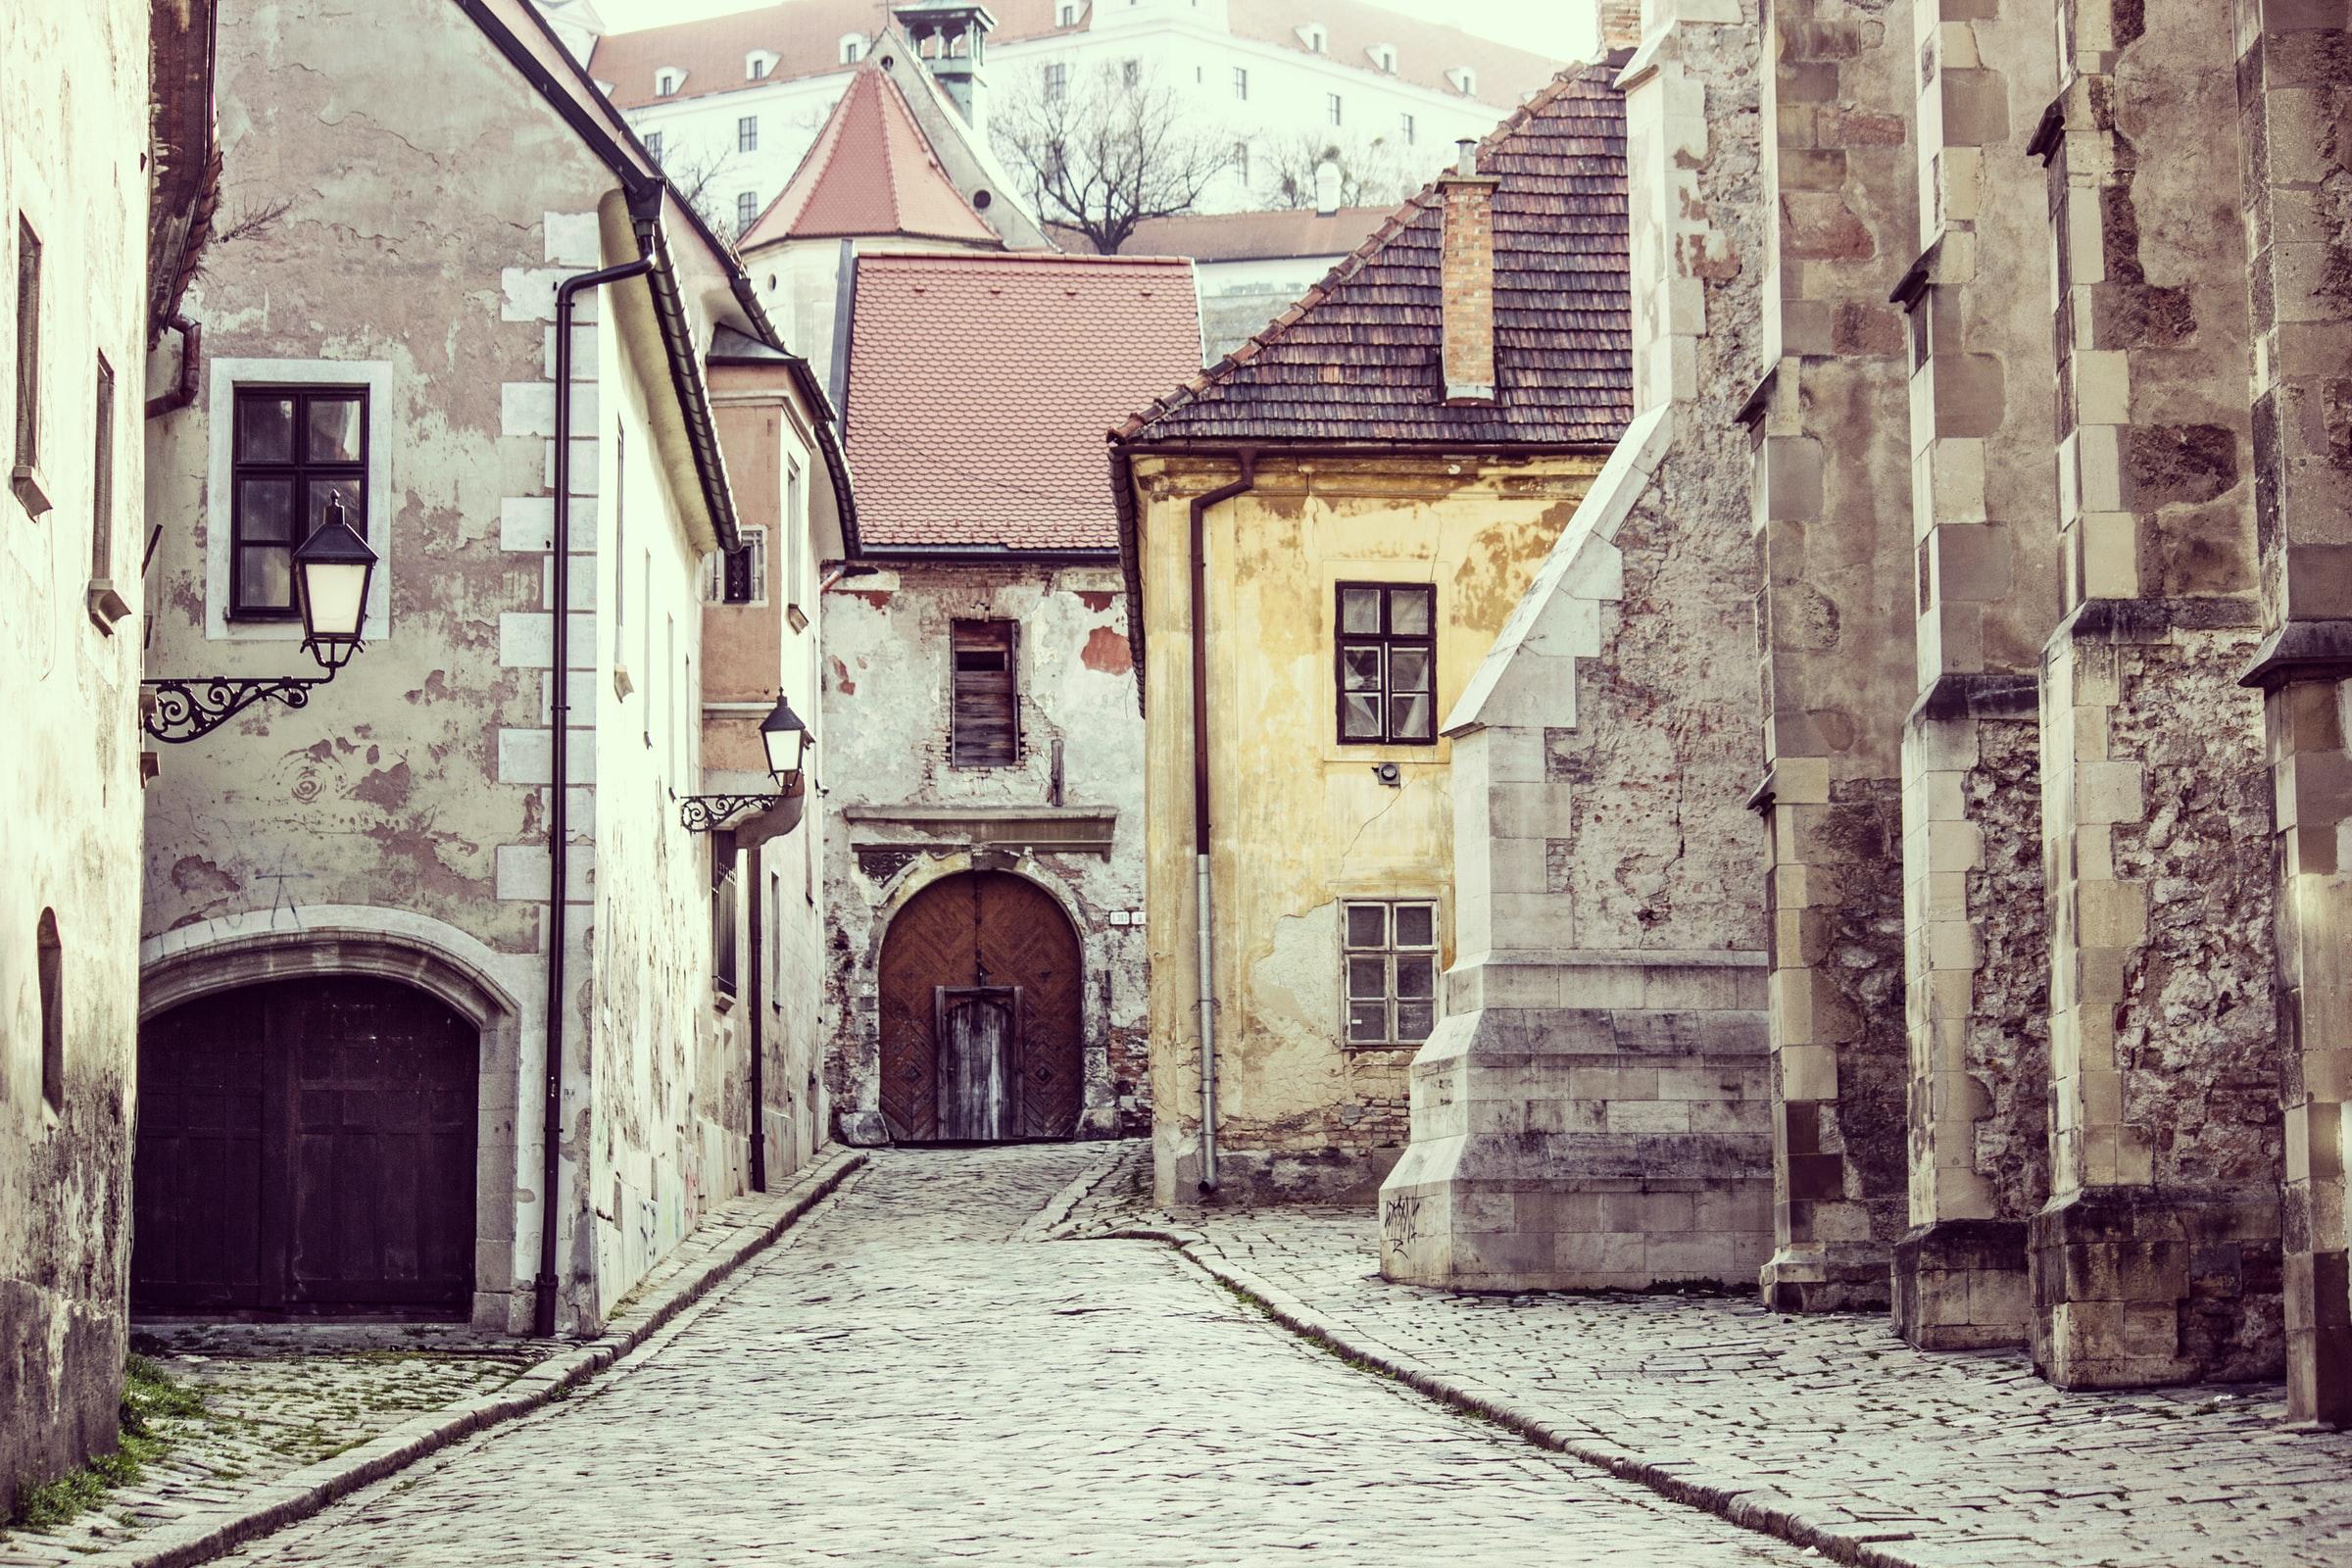 Slowakei Urlaub - Häuserfassaden